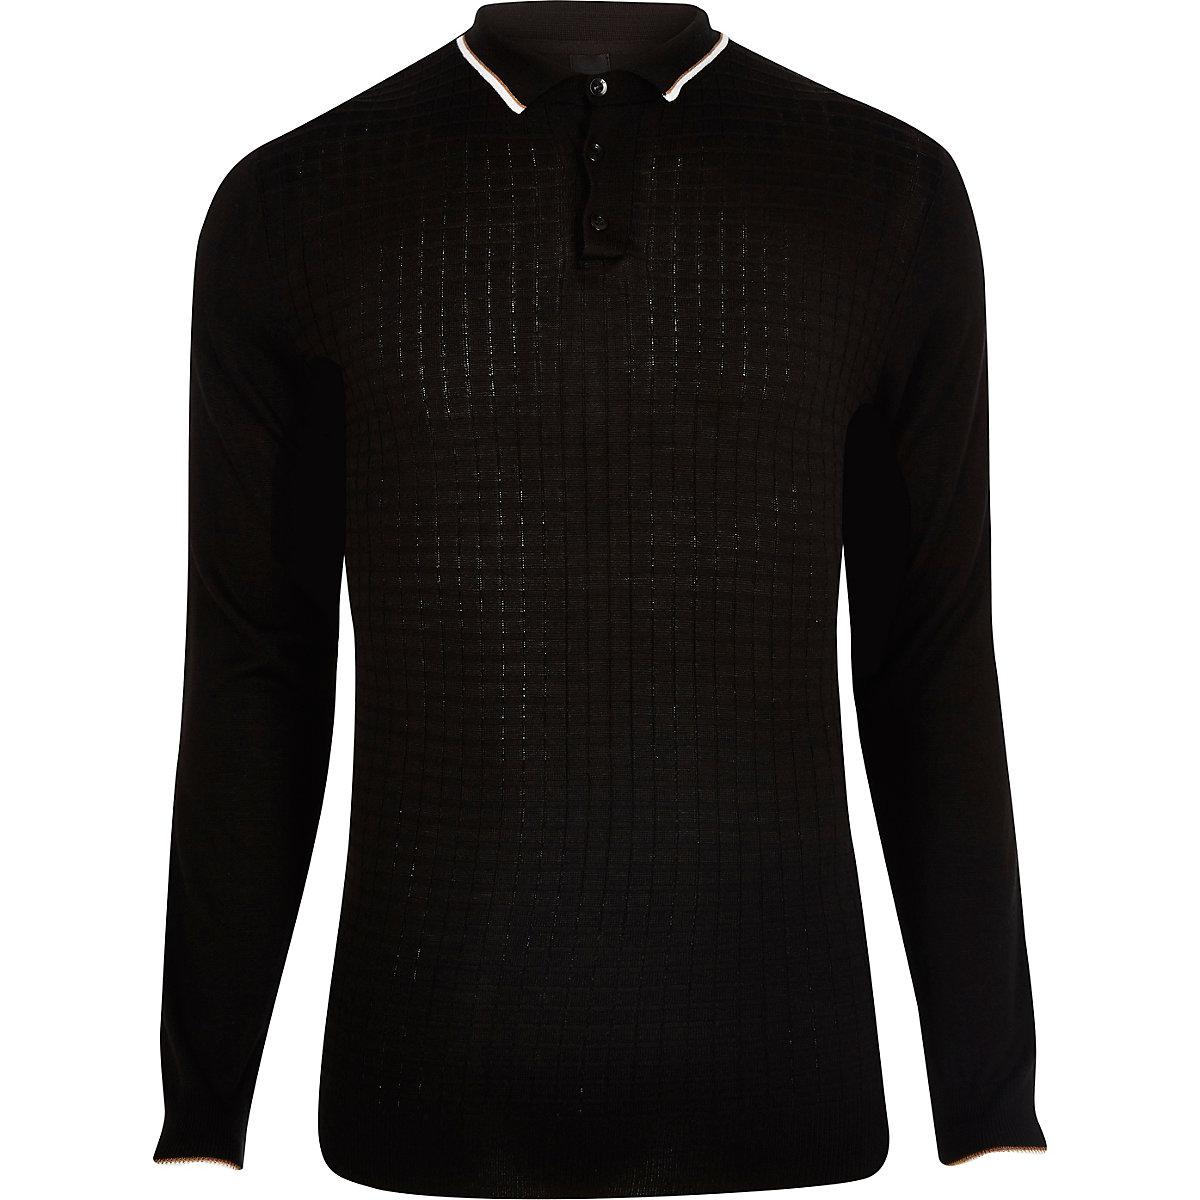 Schwarzes Slim Fit Poloshirt mit Struktur